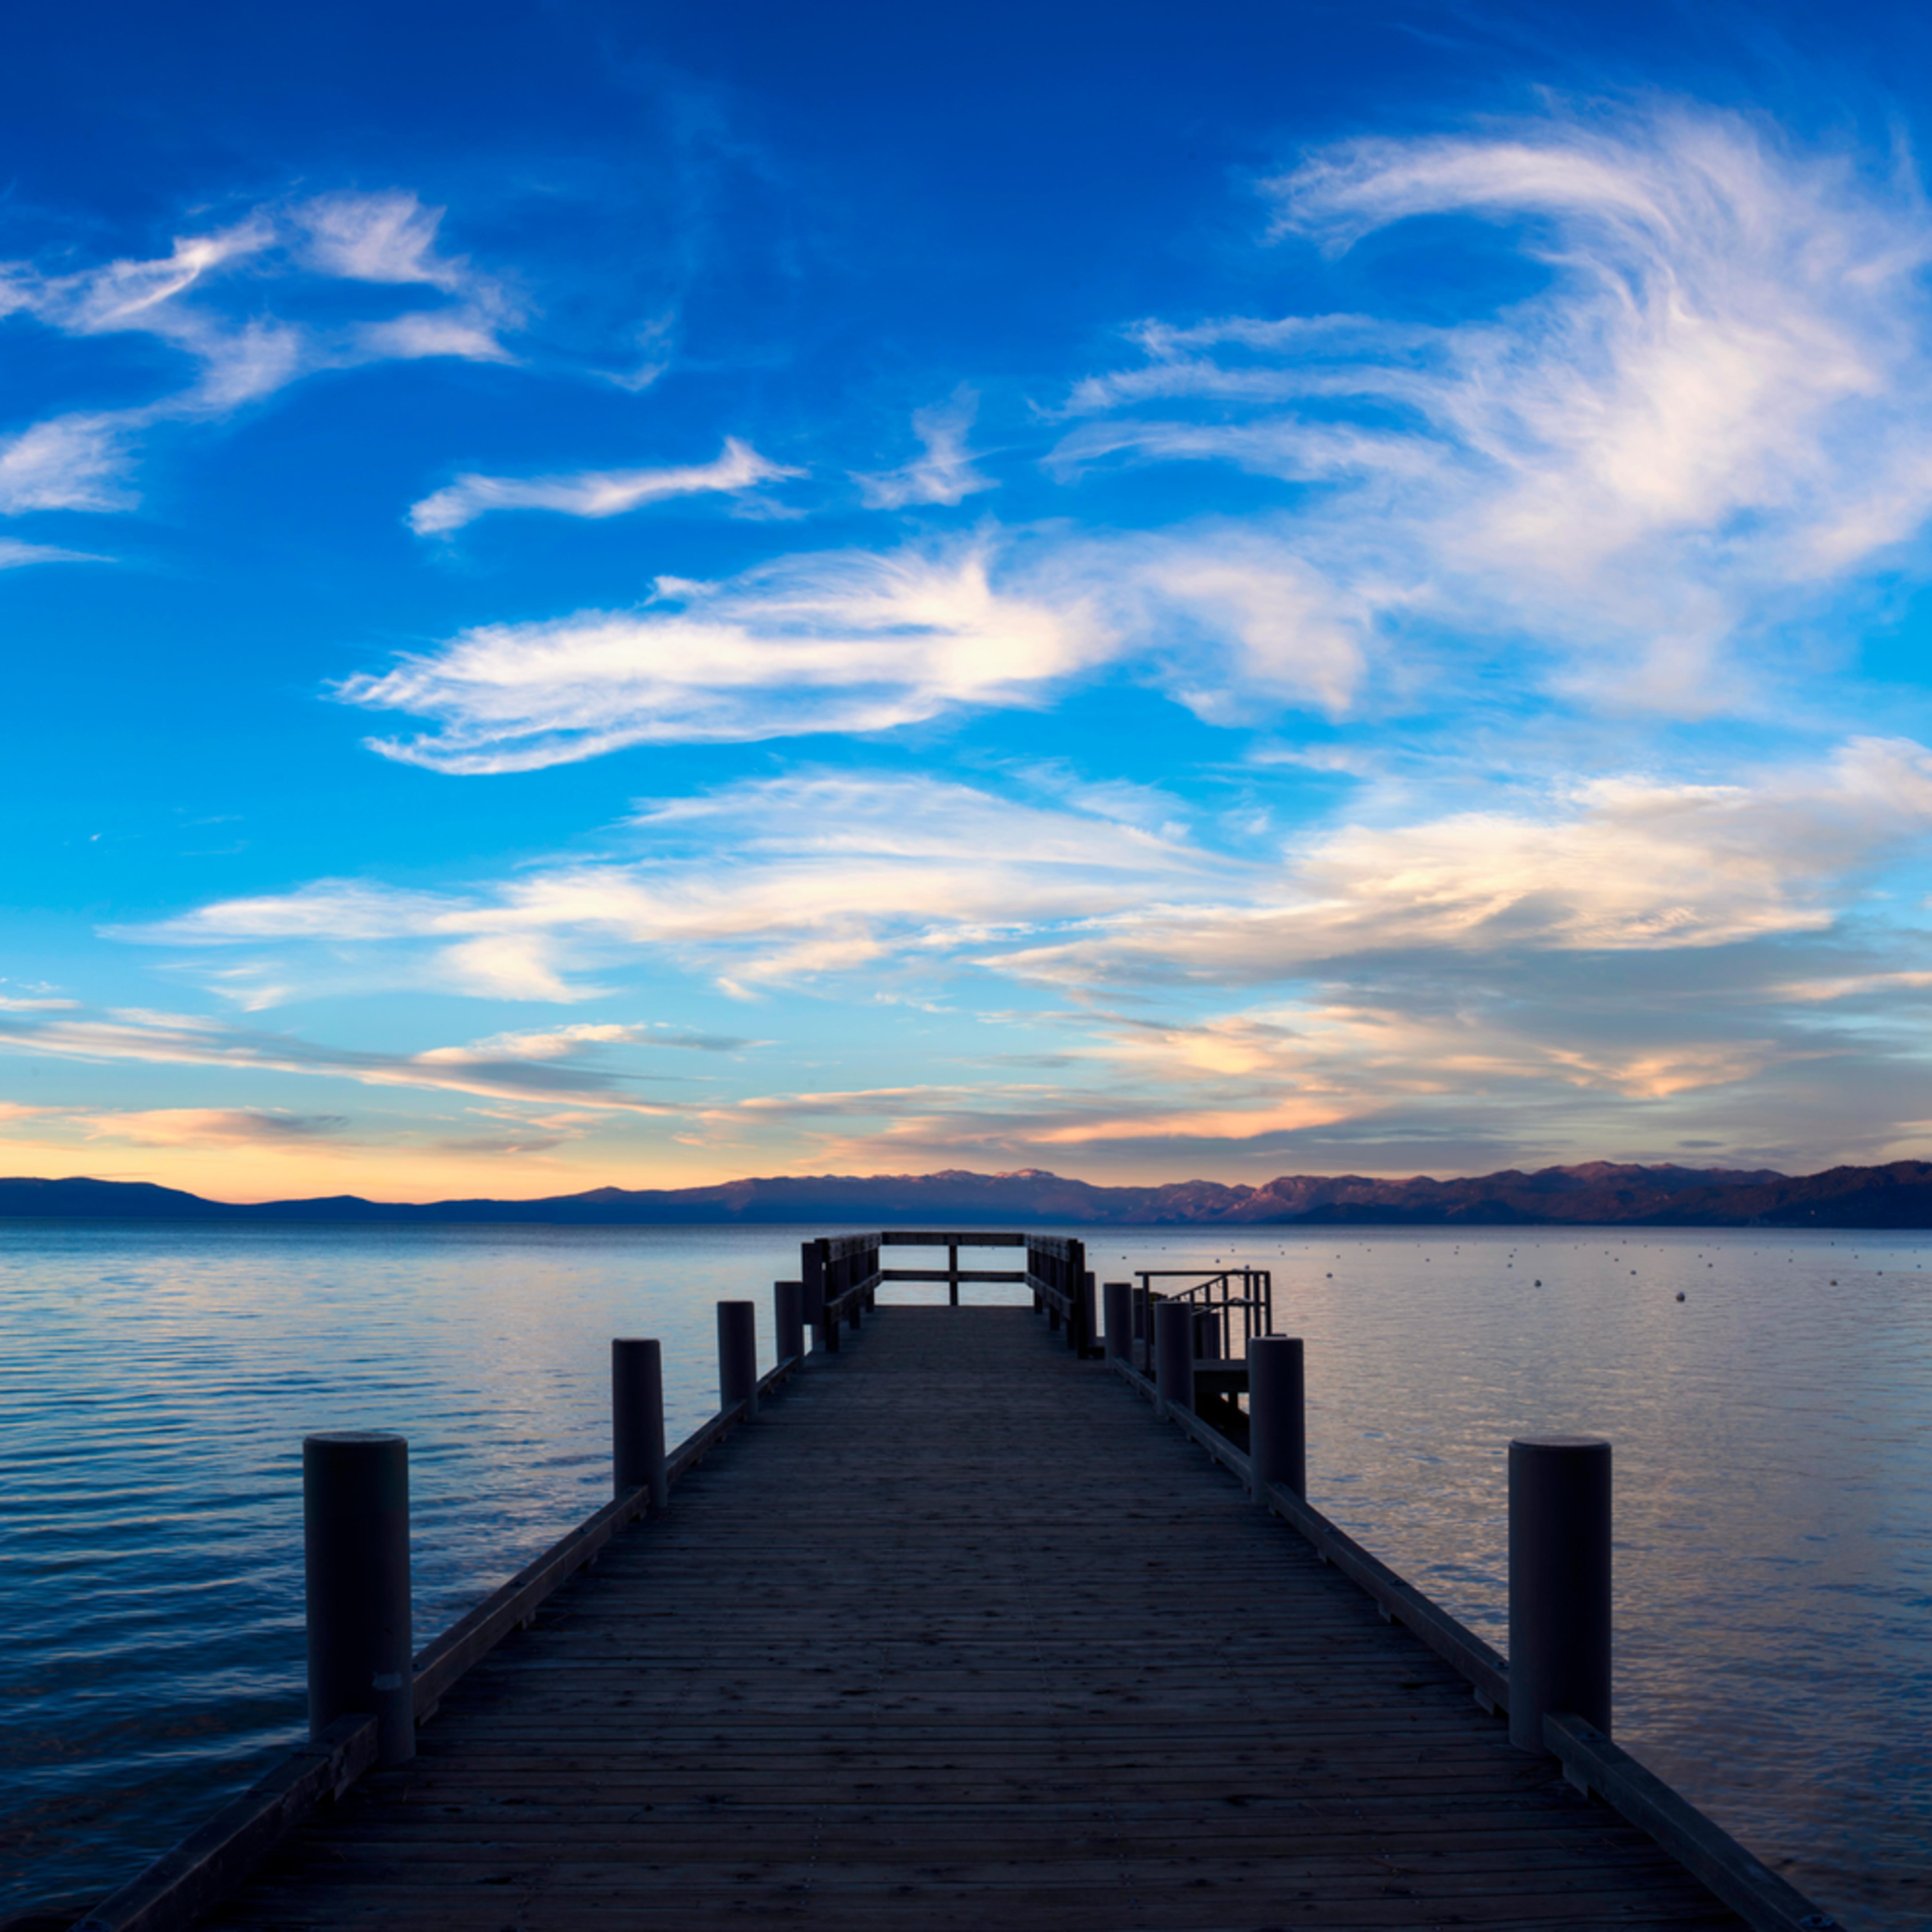 Valhalla pier cloudscape perfect photo suite qc2d8u